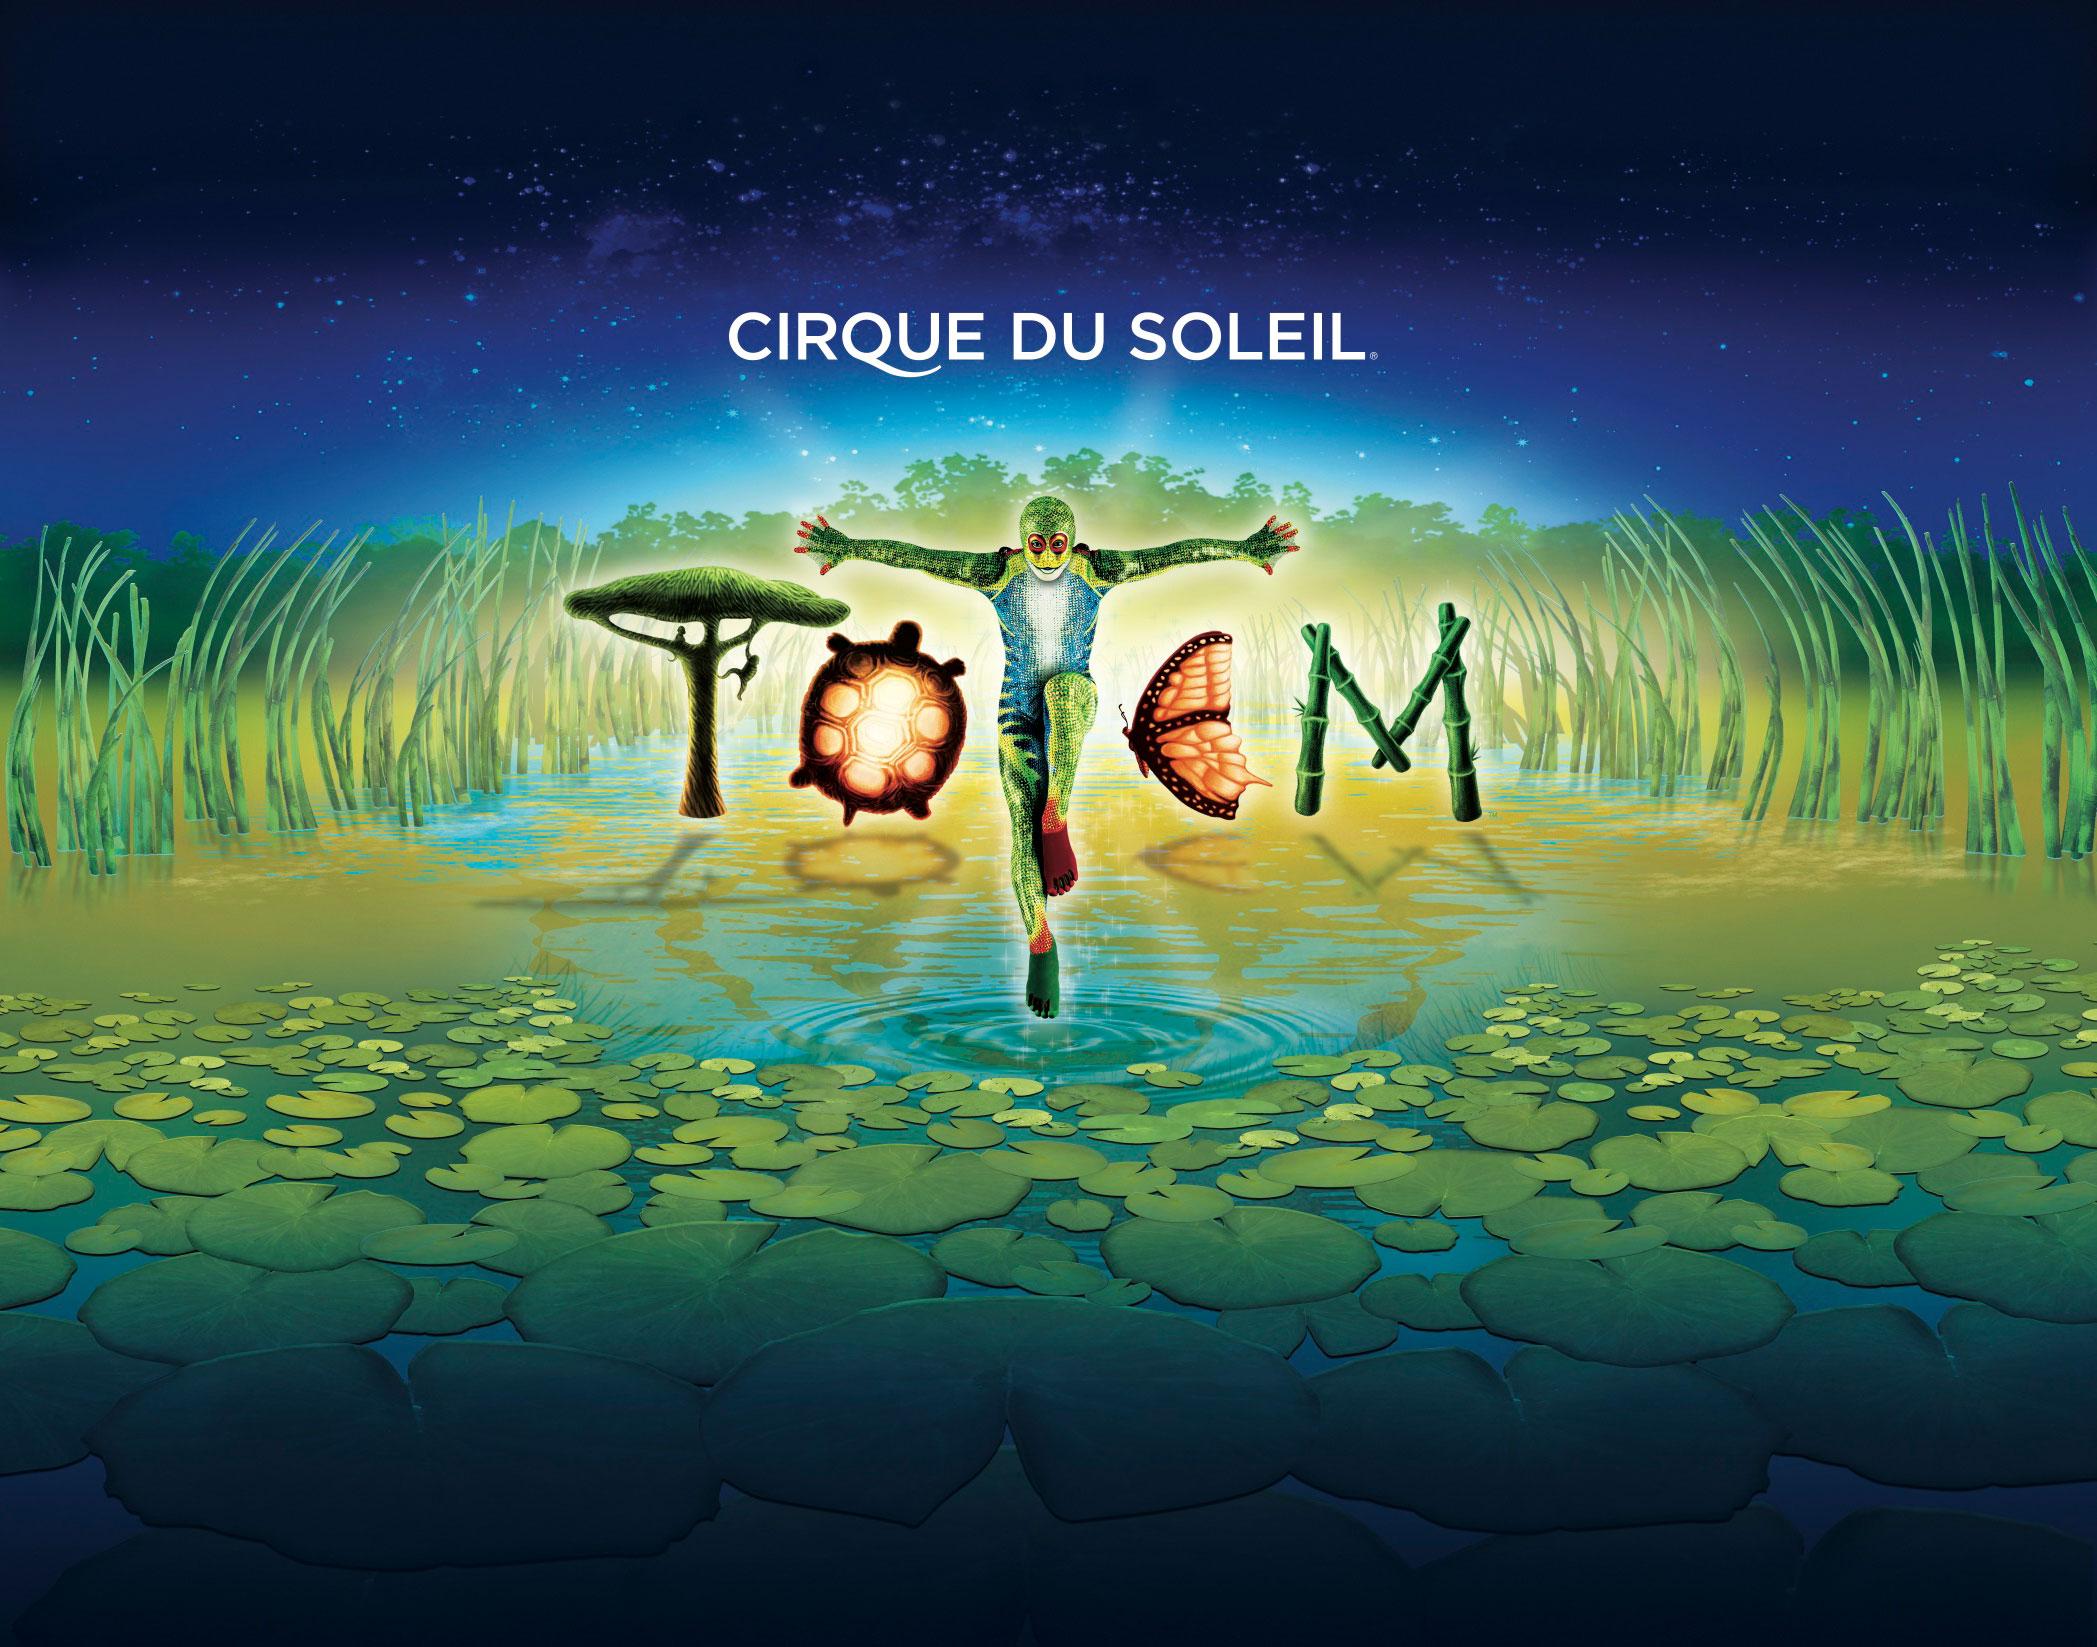 cirque du soleil totem 2012 tapis 2luxury2